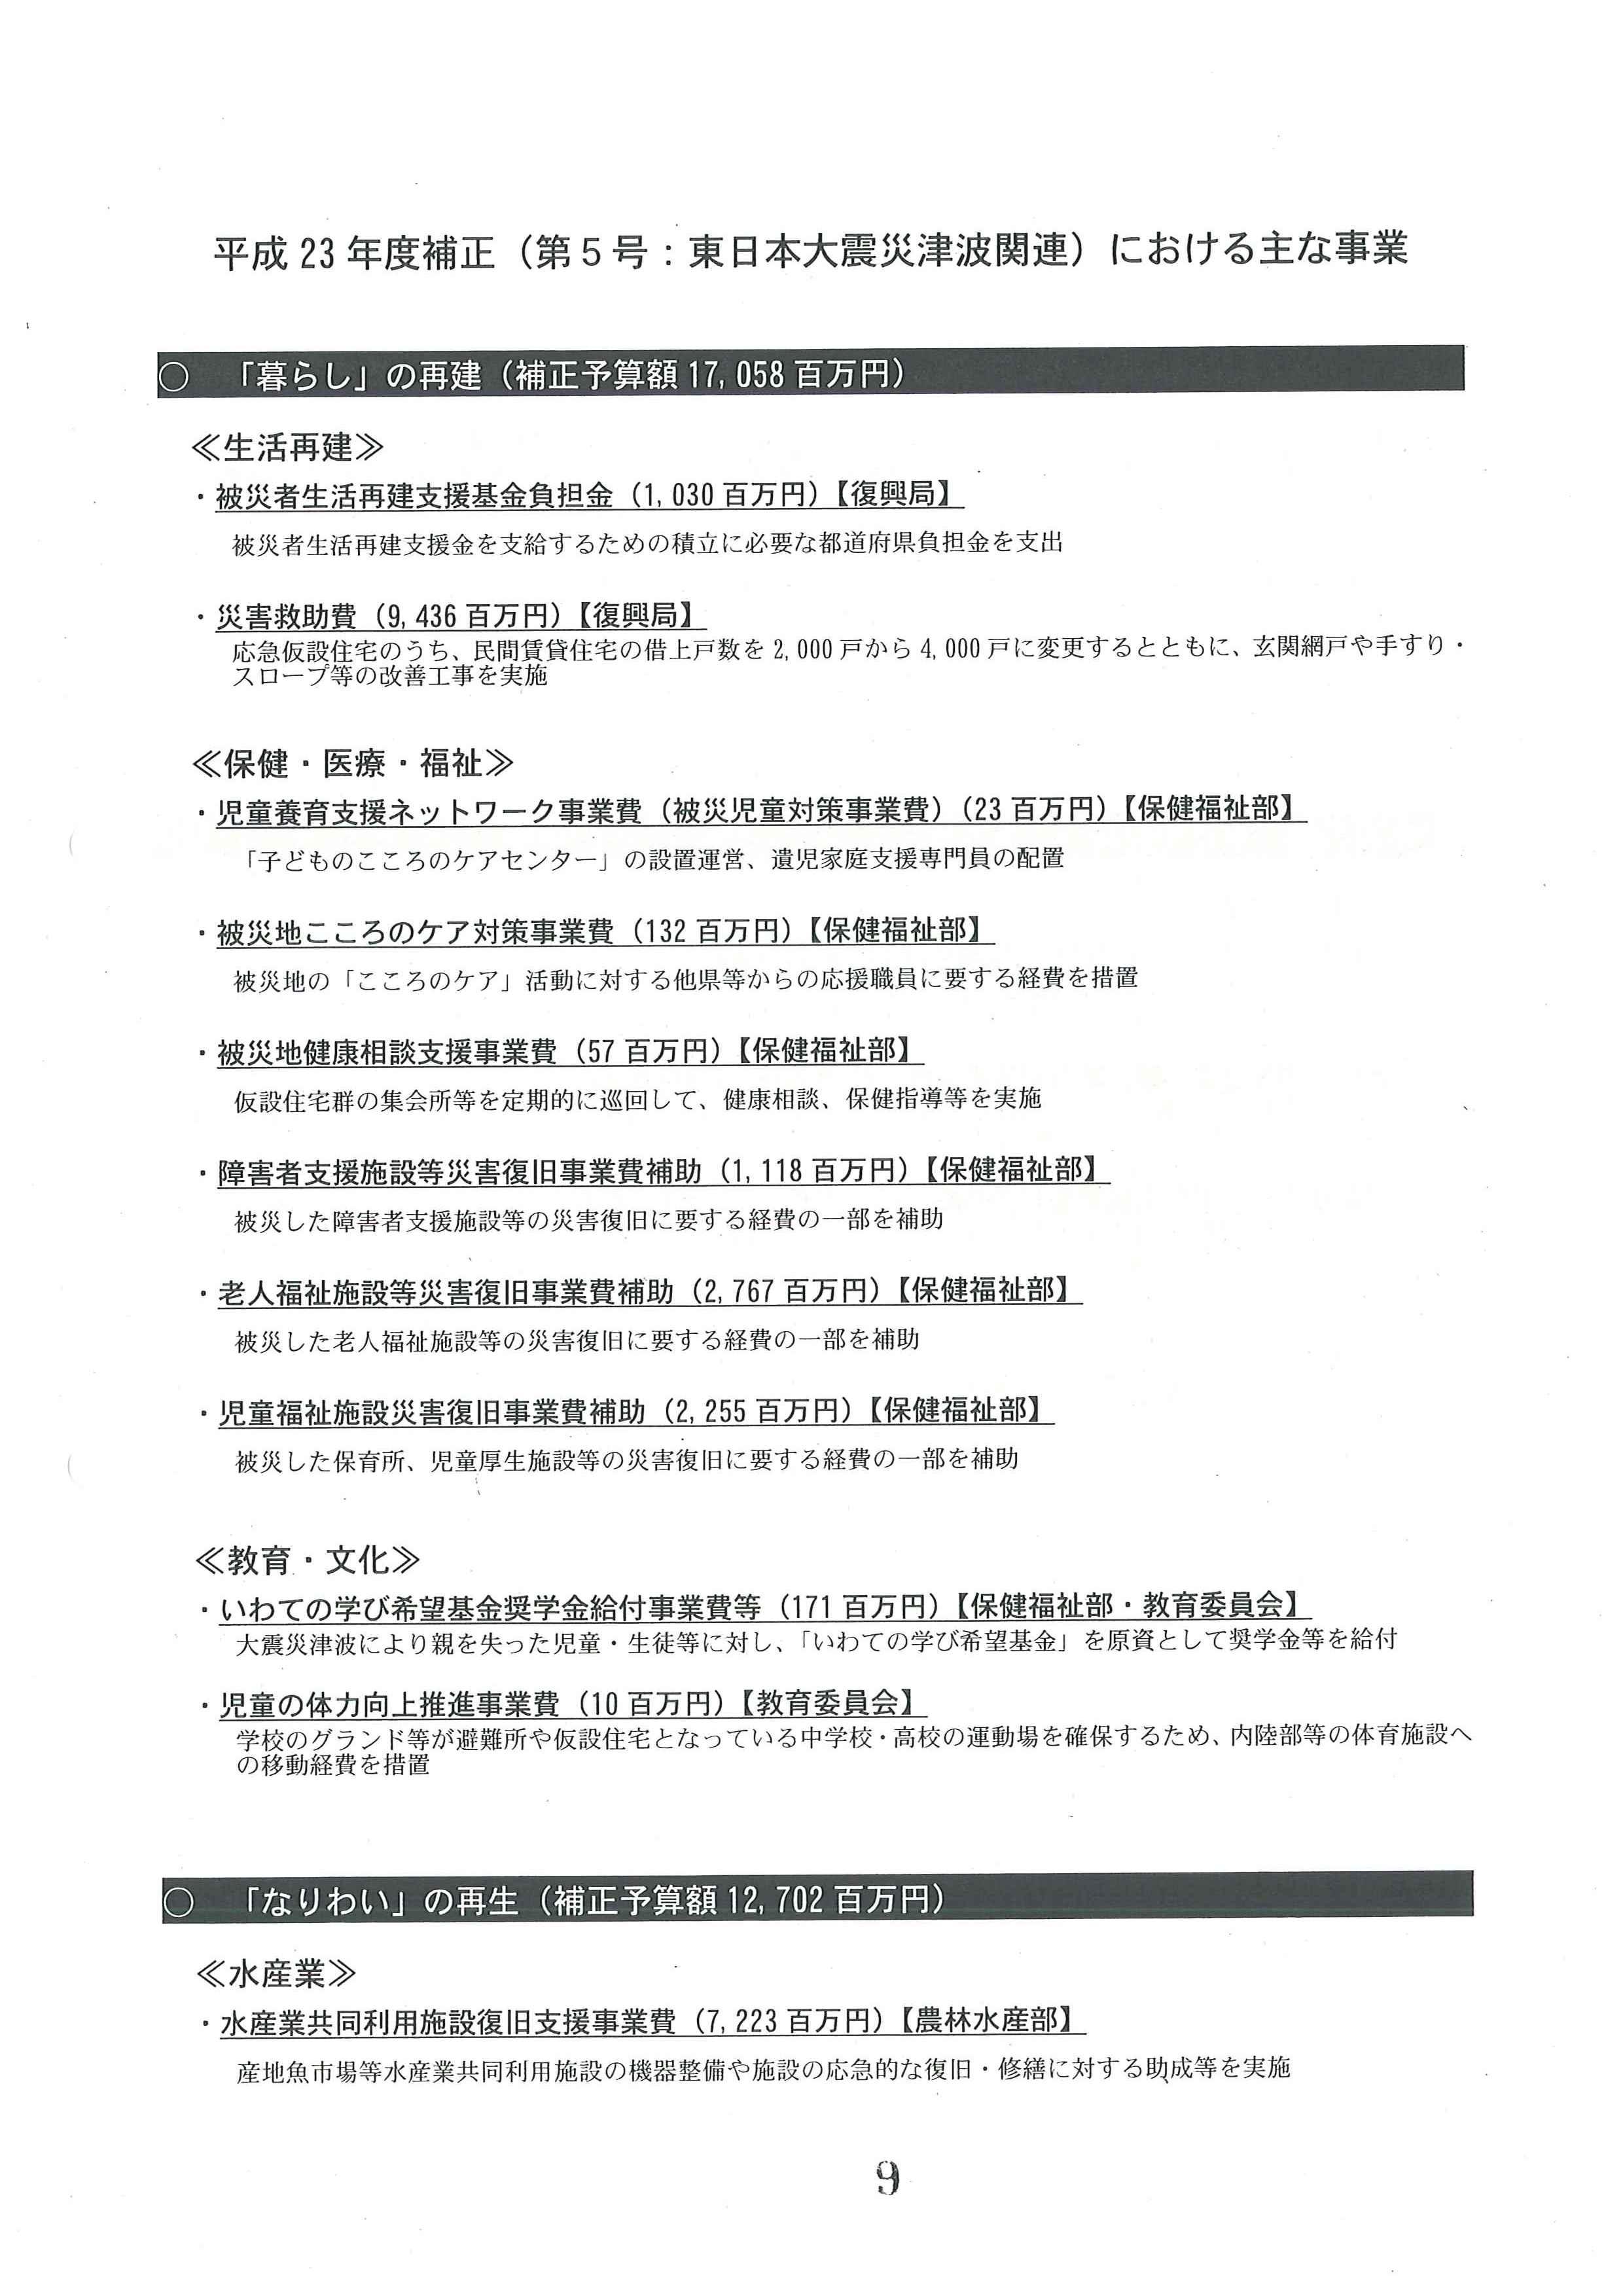 岩手県の学校における放射能汚染対策について/明日から8月県議会臨時会です_b0199244_22154326.jpg